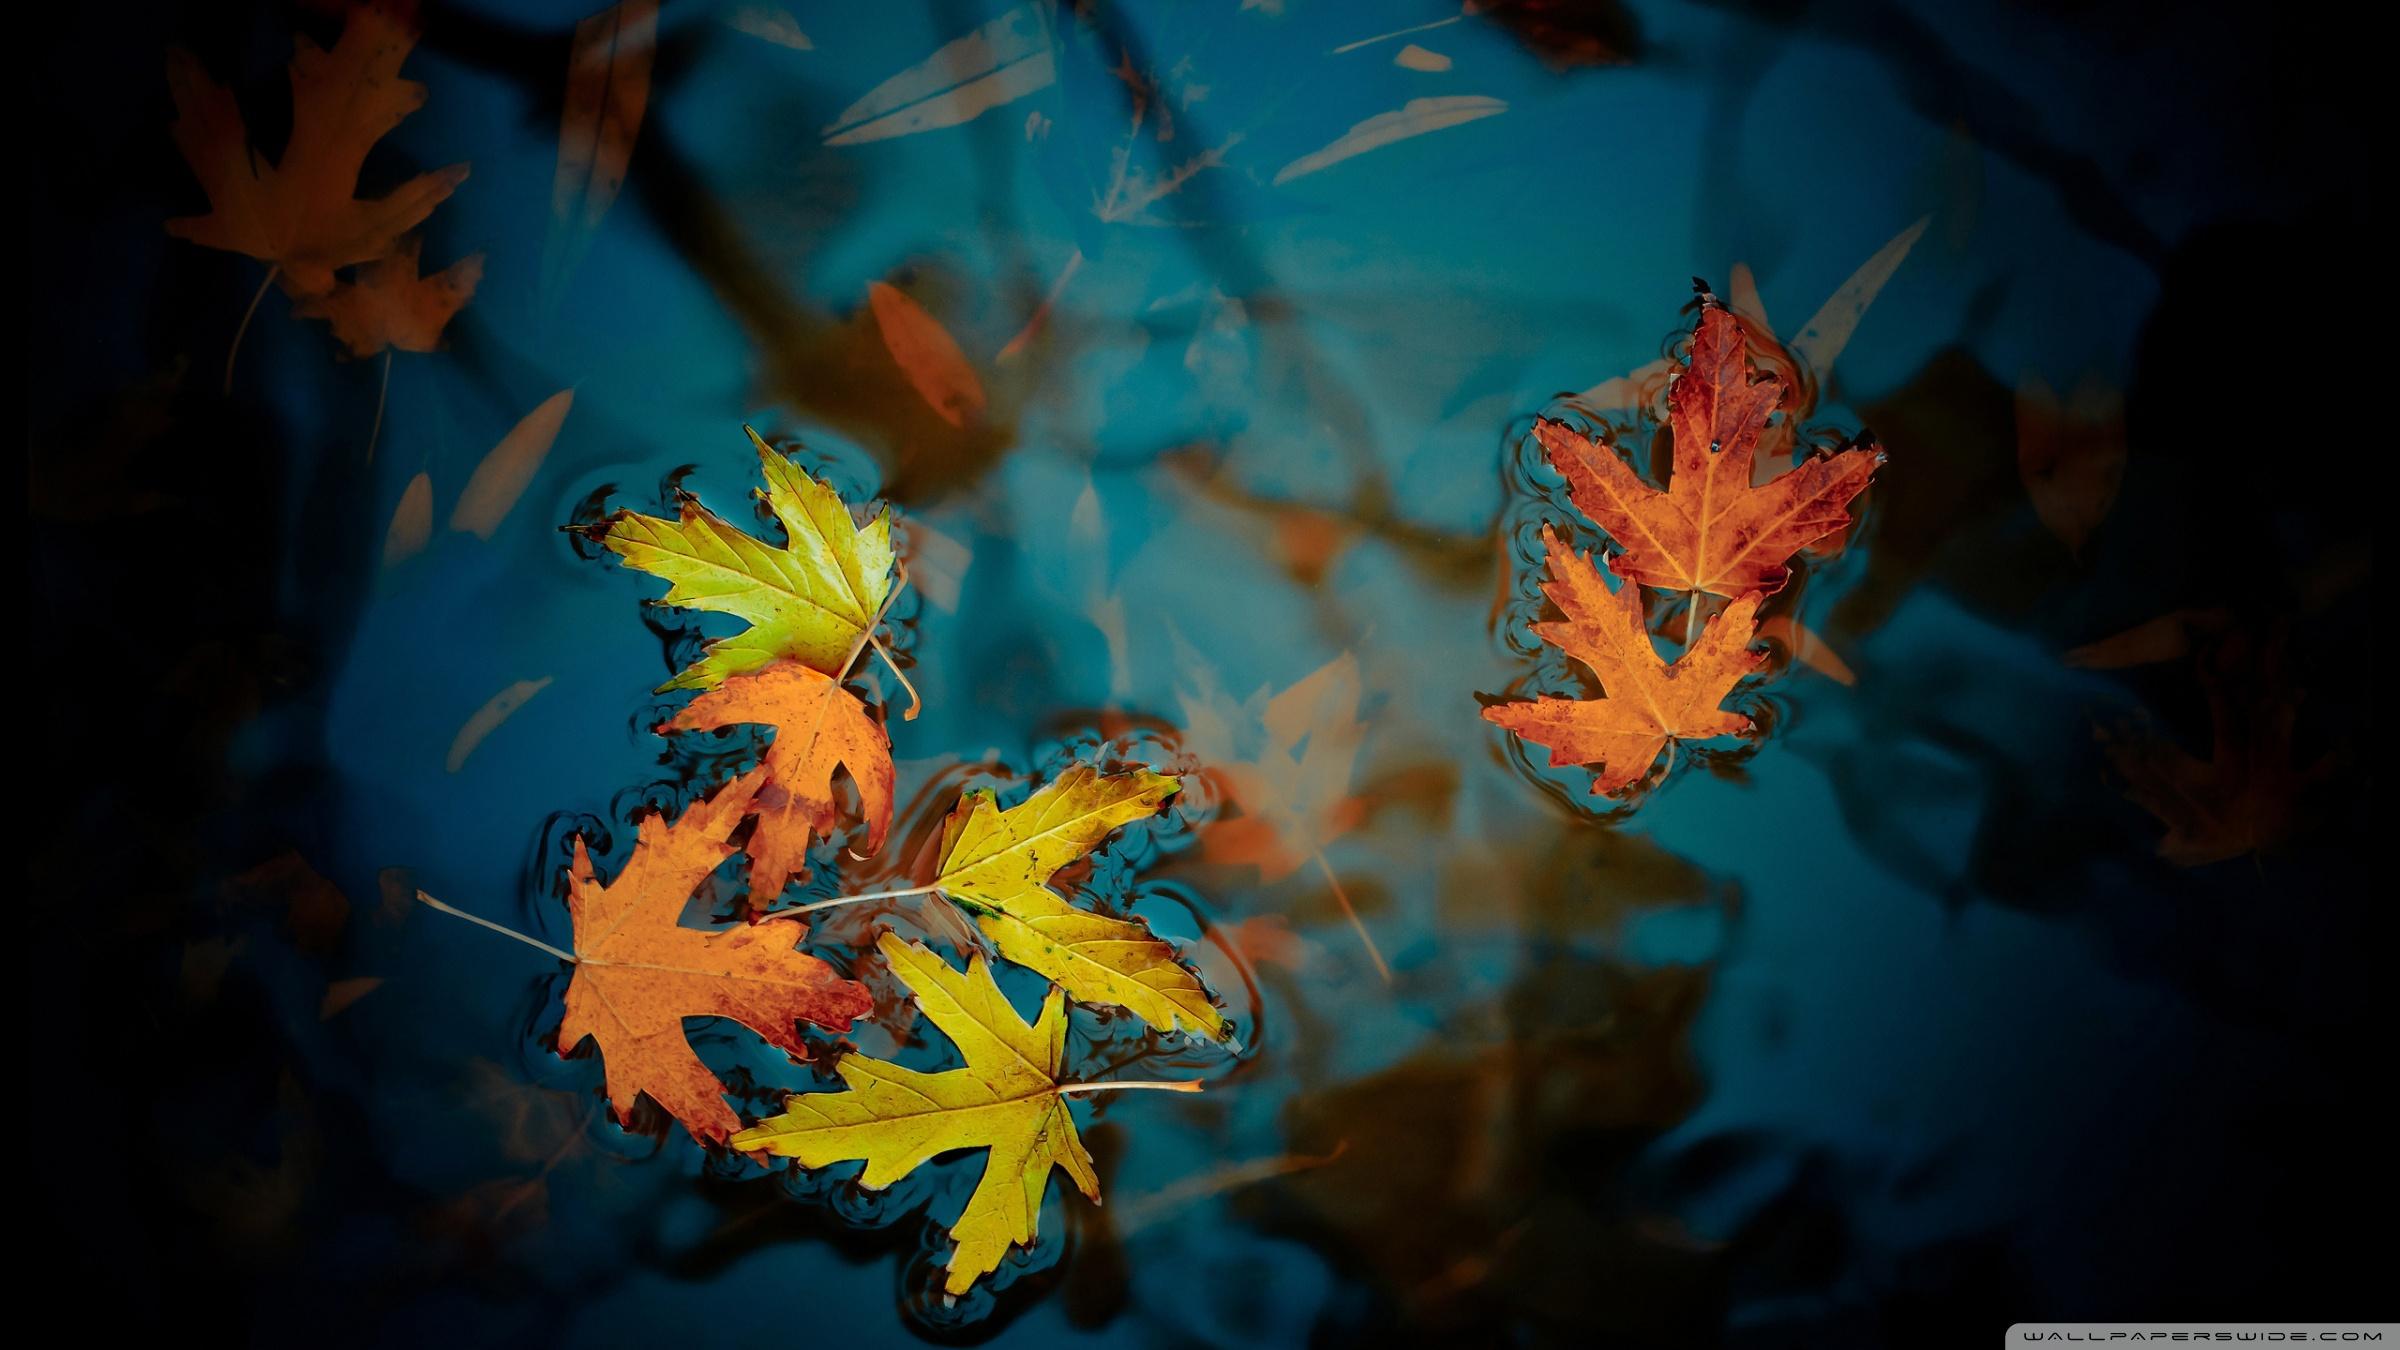 Fallen Leaves Wallpaper